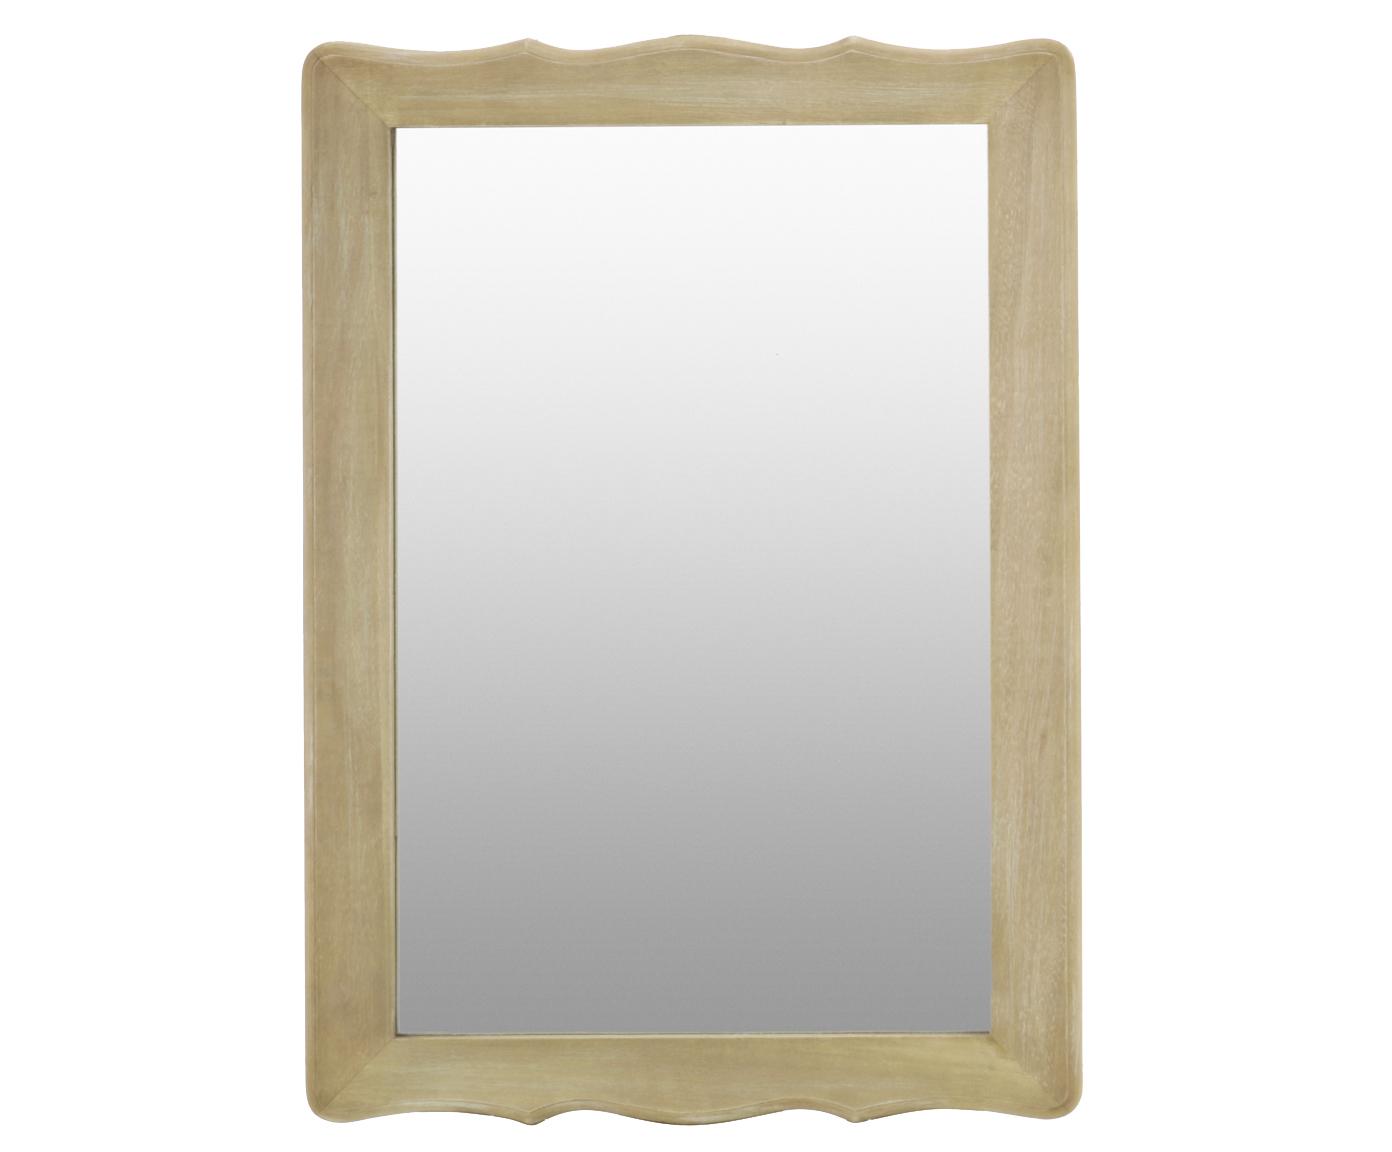 Купить Прямоугольное зеркало деревянное, inmyroom, Греция